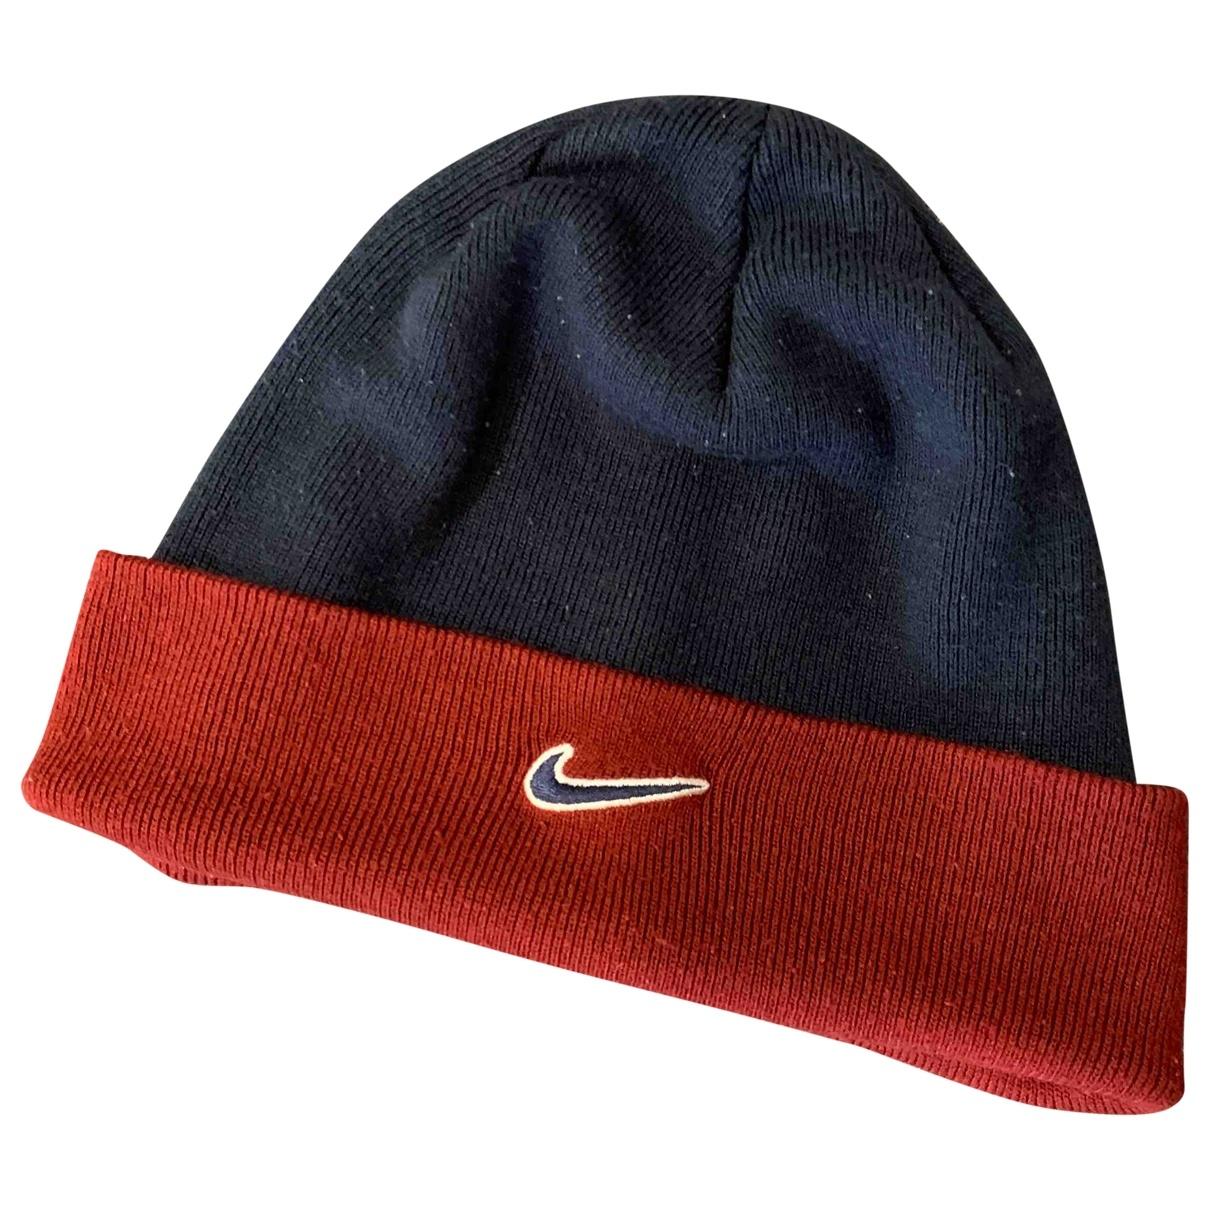 Nike - Chapeau & Bonnets   pour homme en laine - bleu